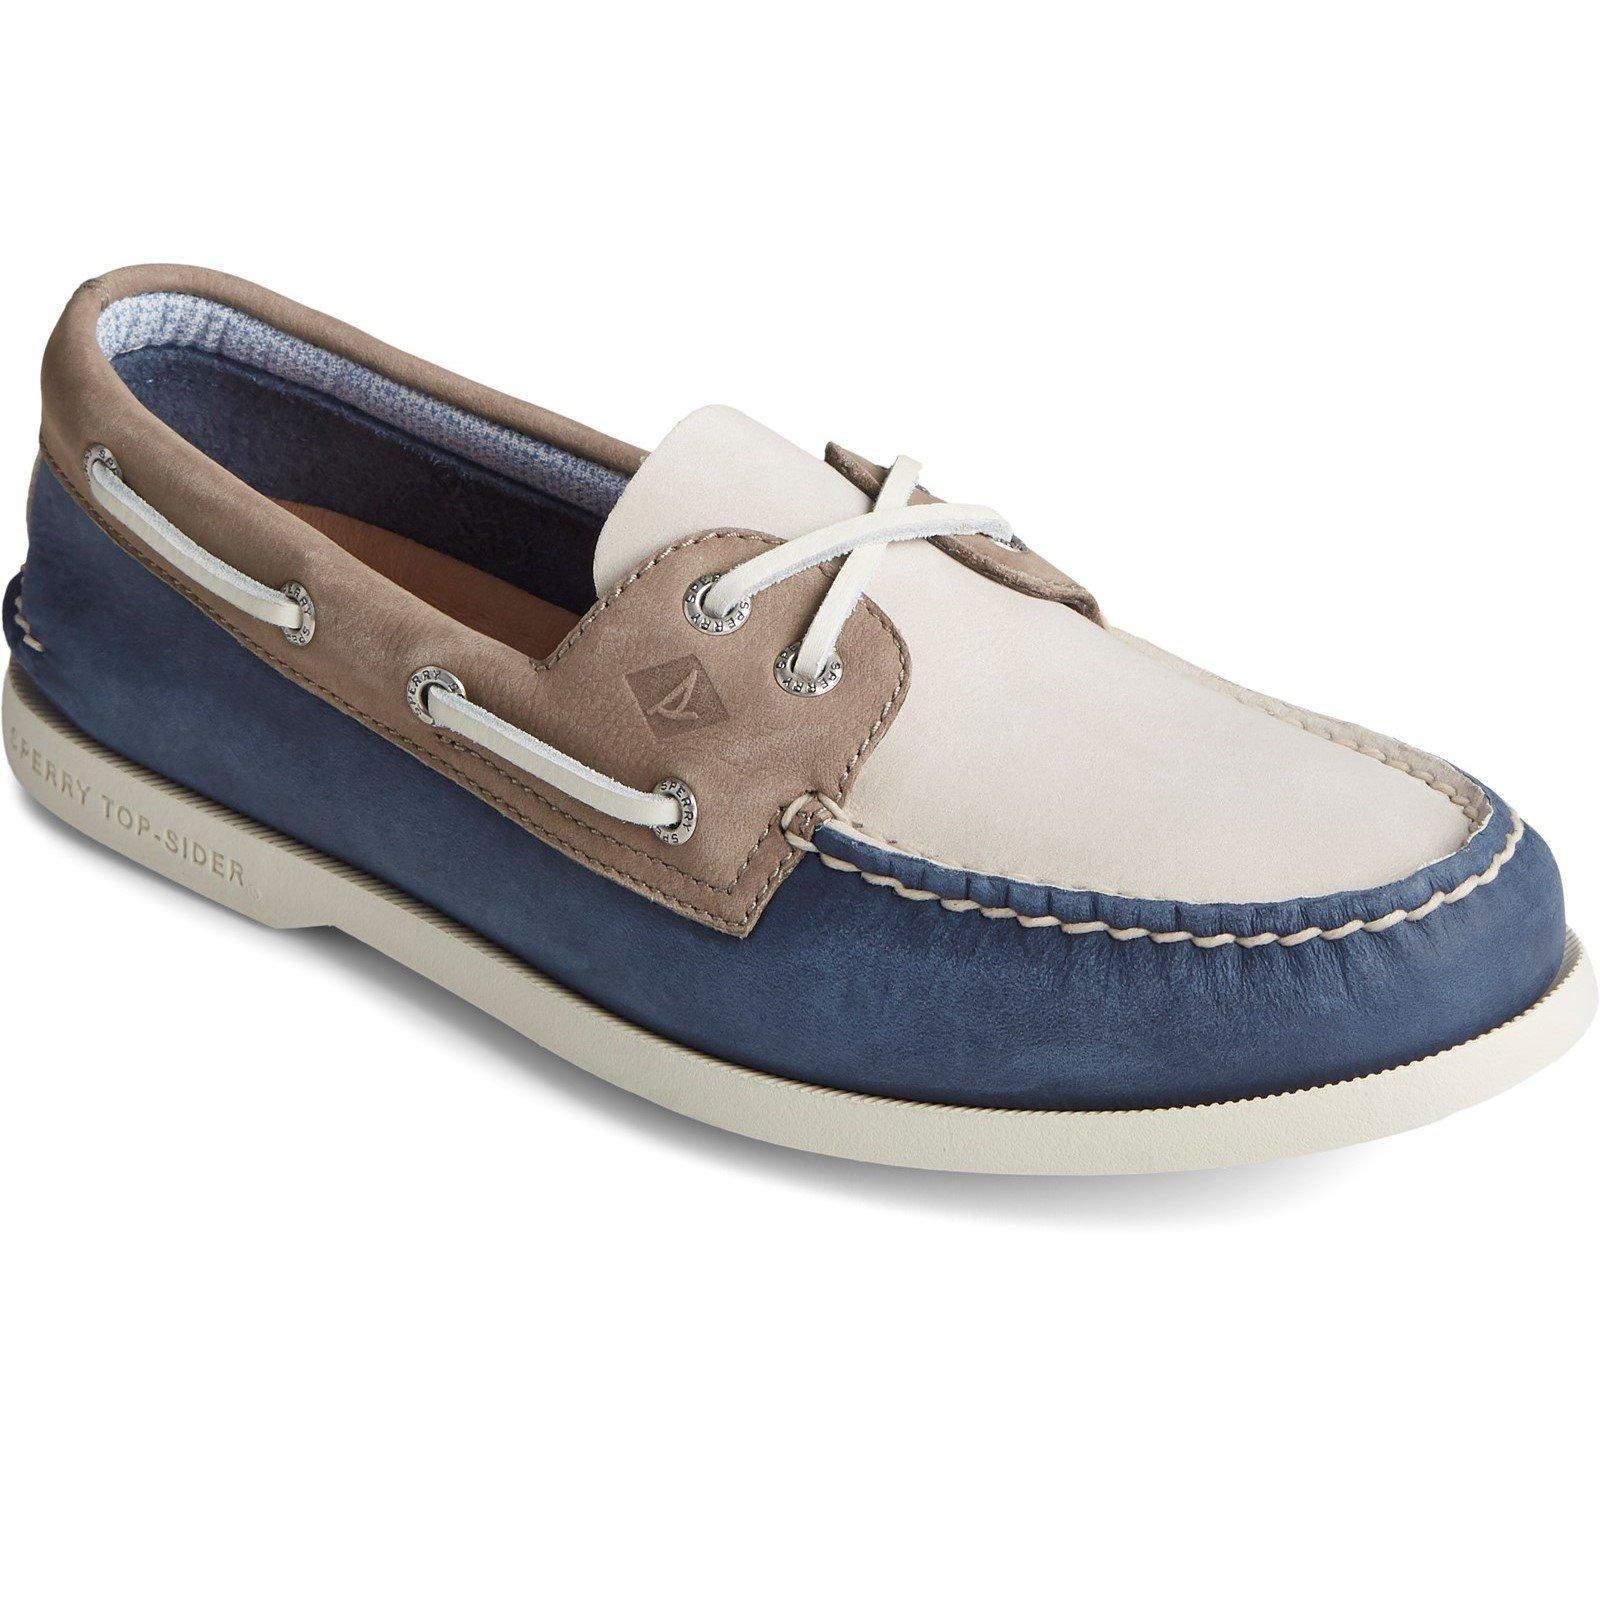 Sperry Men's Authentic Original PLUSHWAVE Boat Shoe Various Colours 31525 - Multicoloured 10